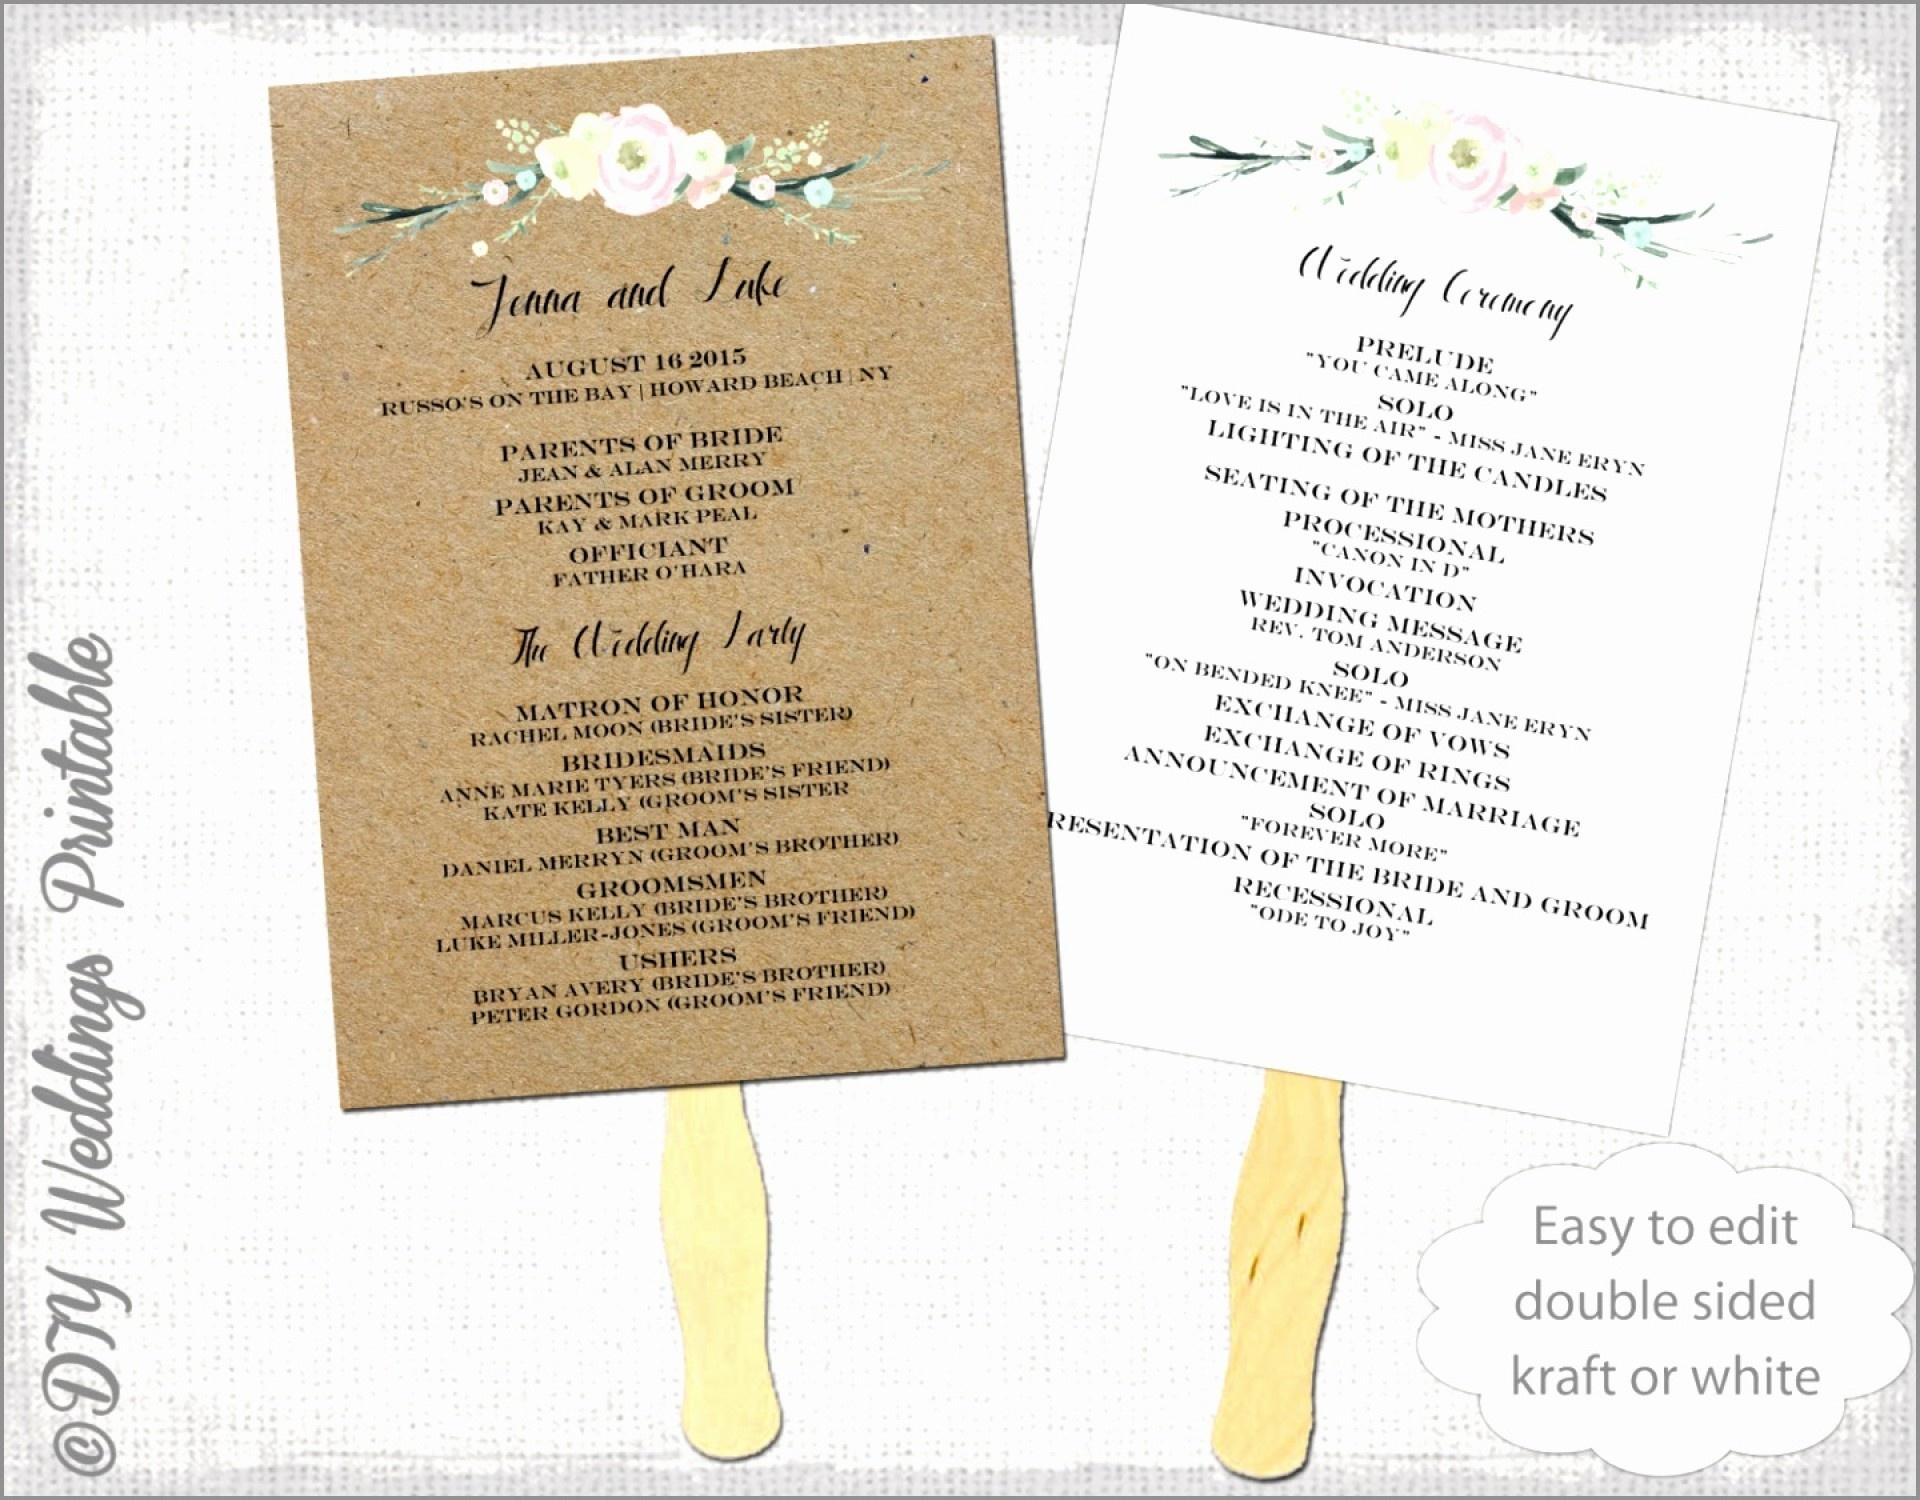 010 Free Wedding Program Fan Templates Beach Fans New You Can - Free Printable Wedding Fan Templates